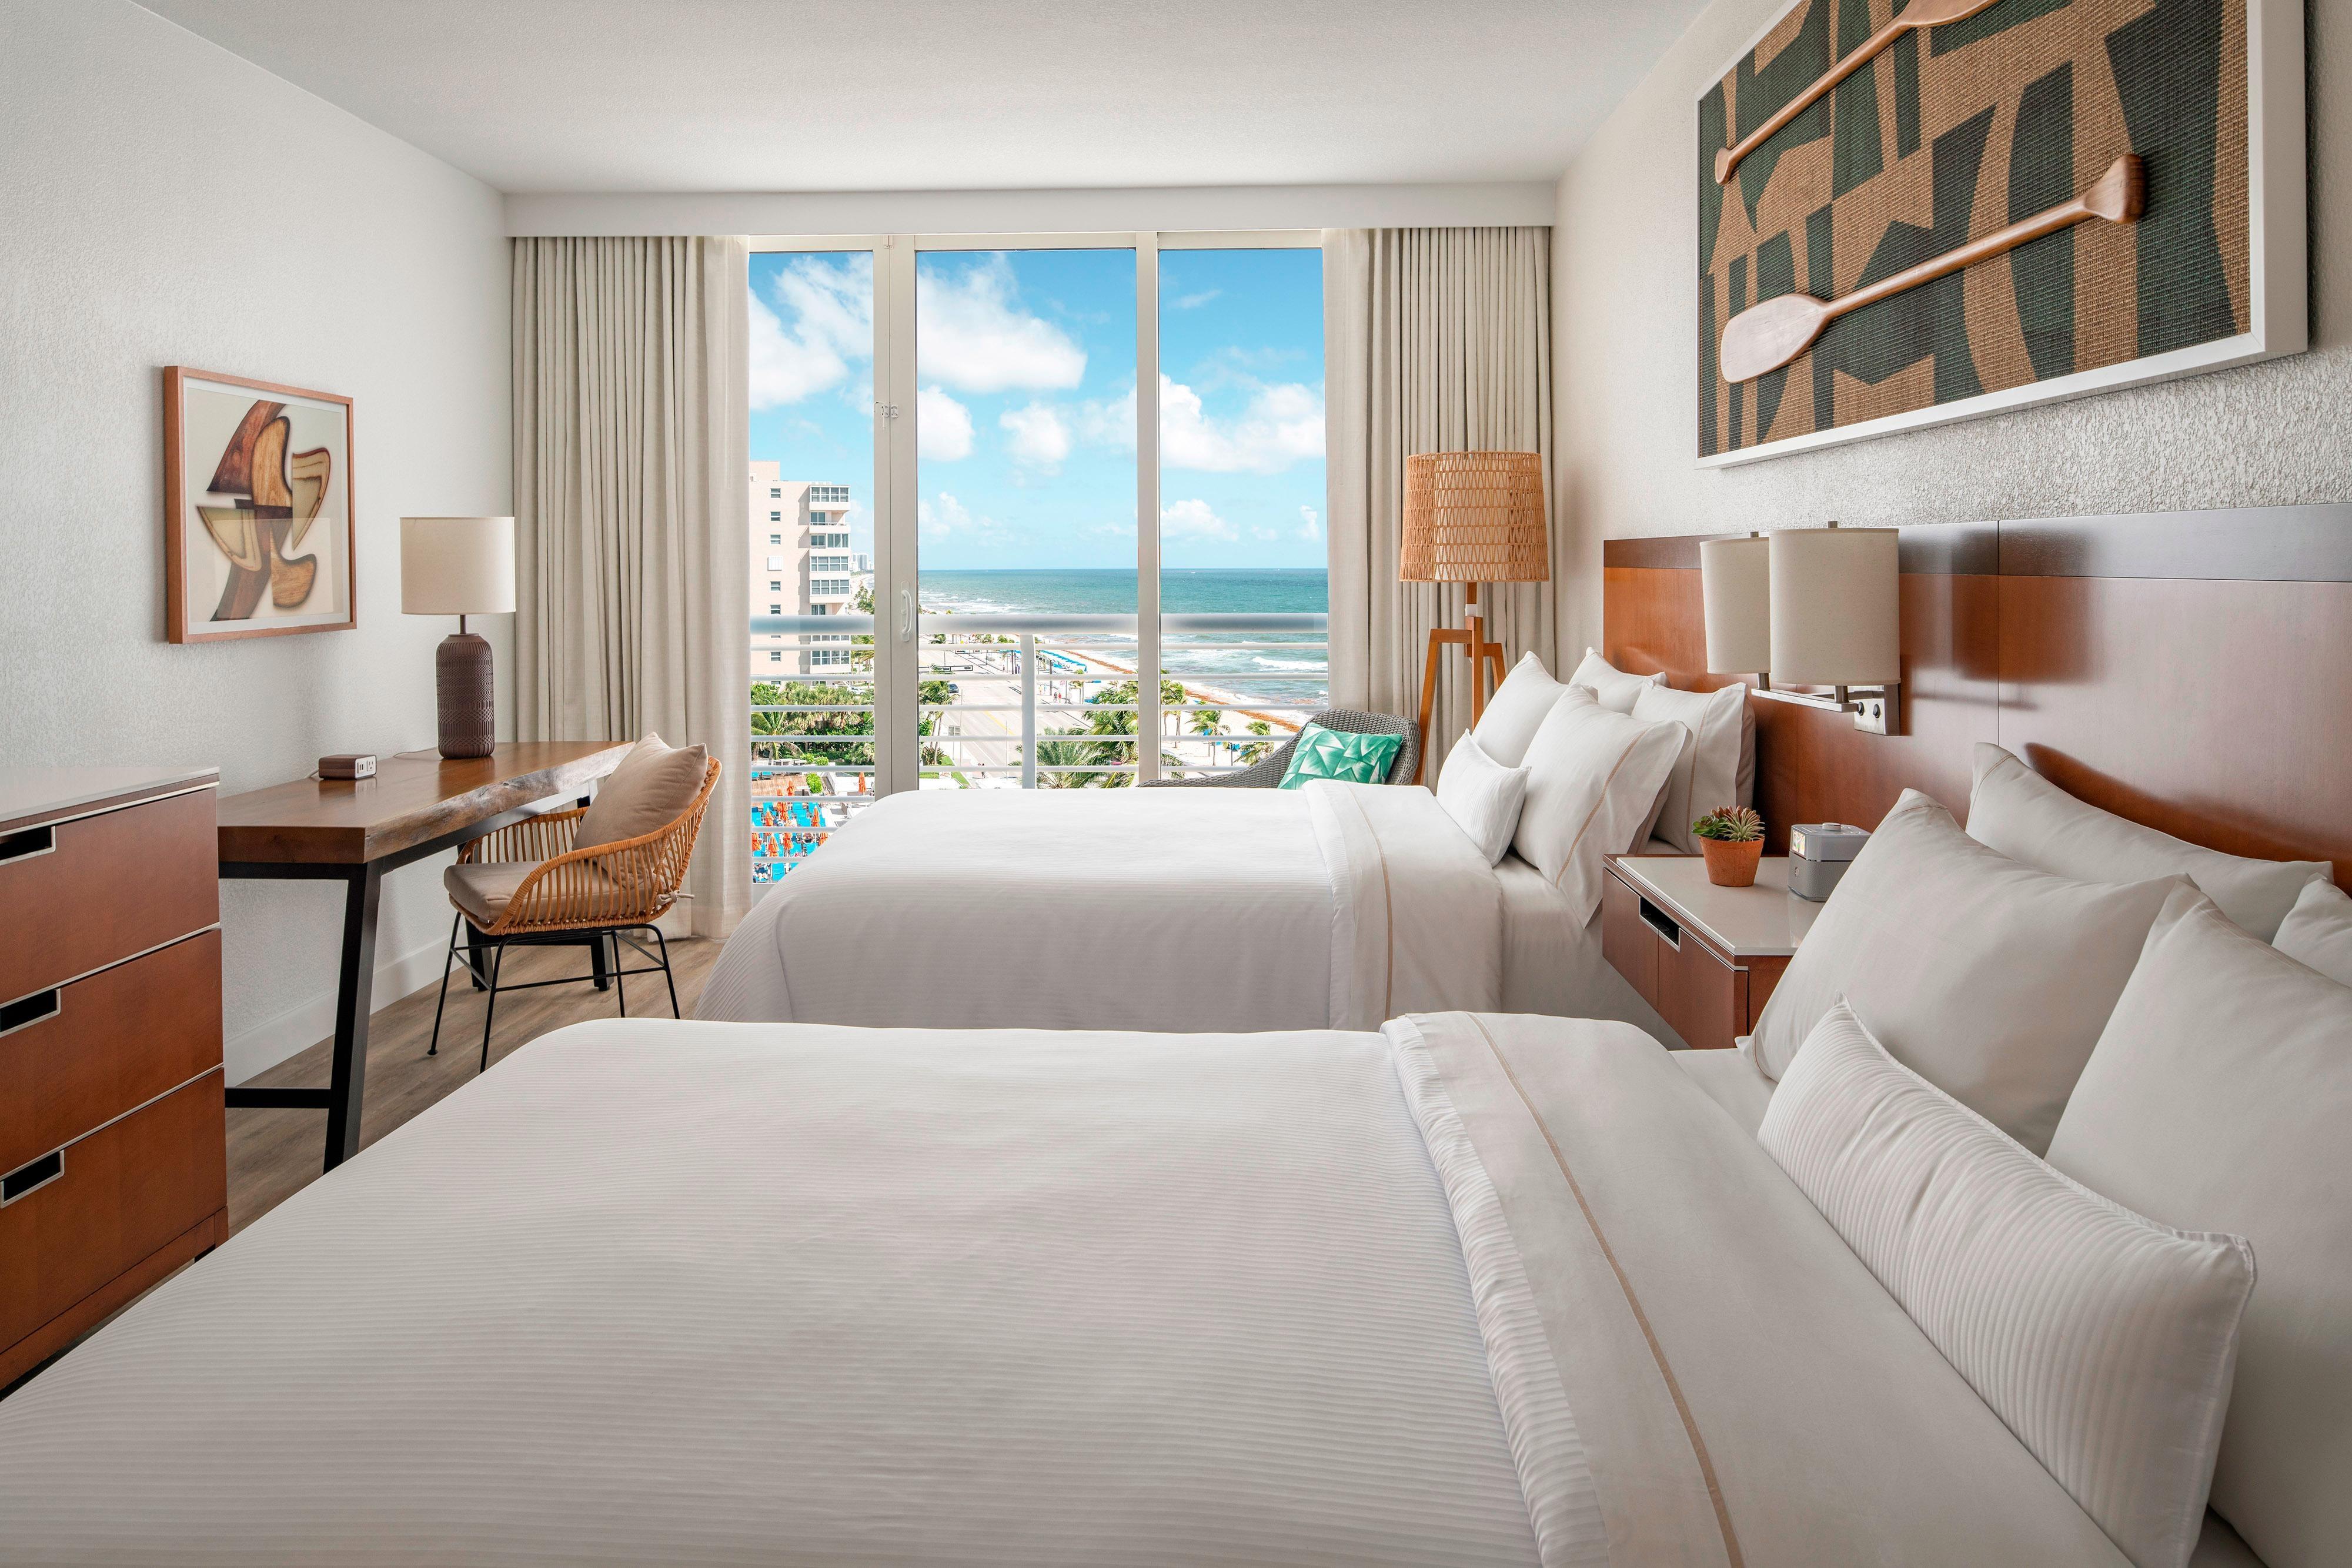 Gästezimmer mit zwei Doppelbetten – Teil-Meerblick